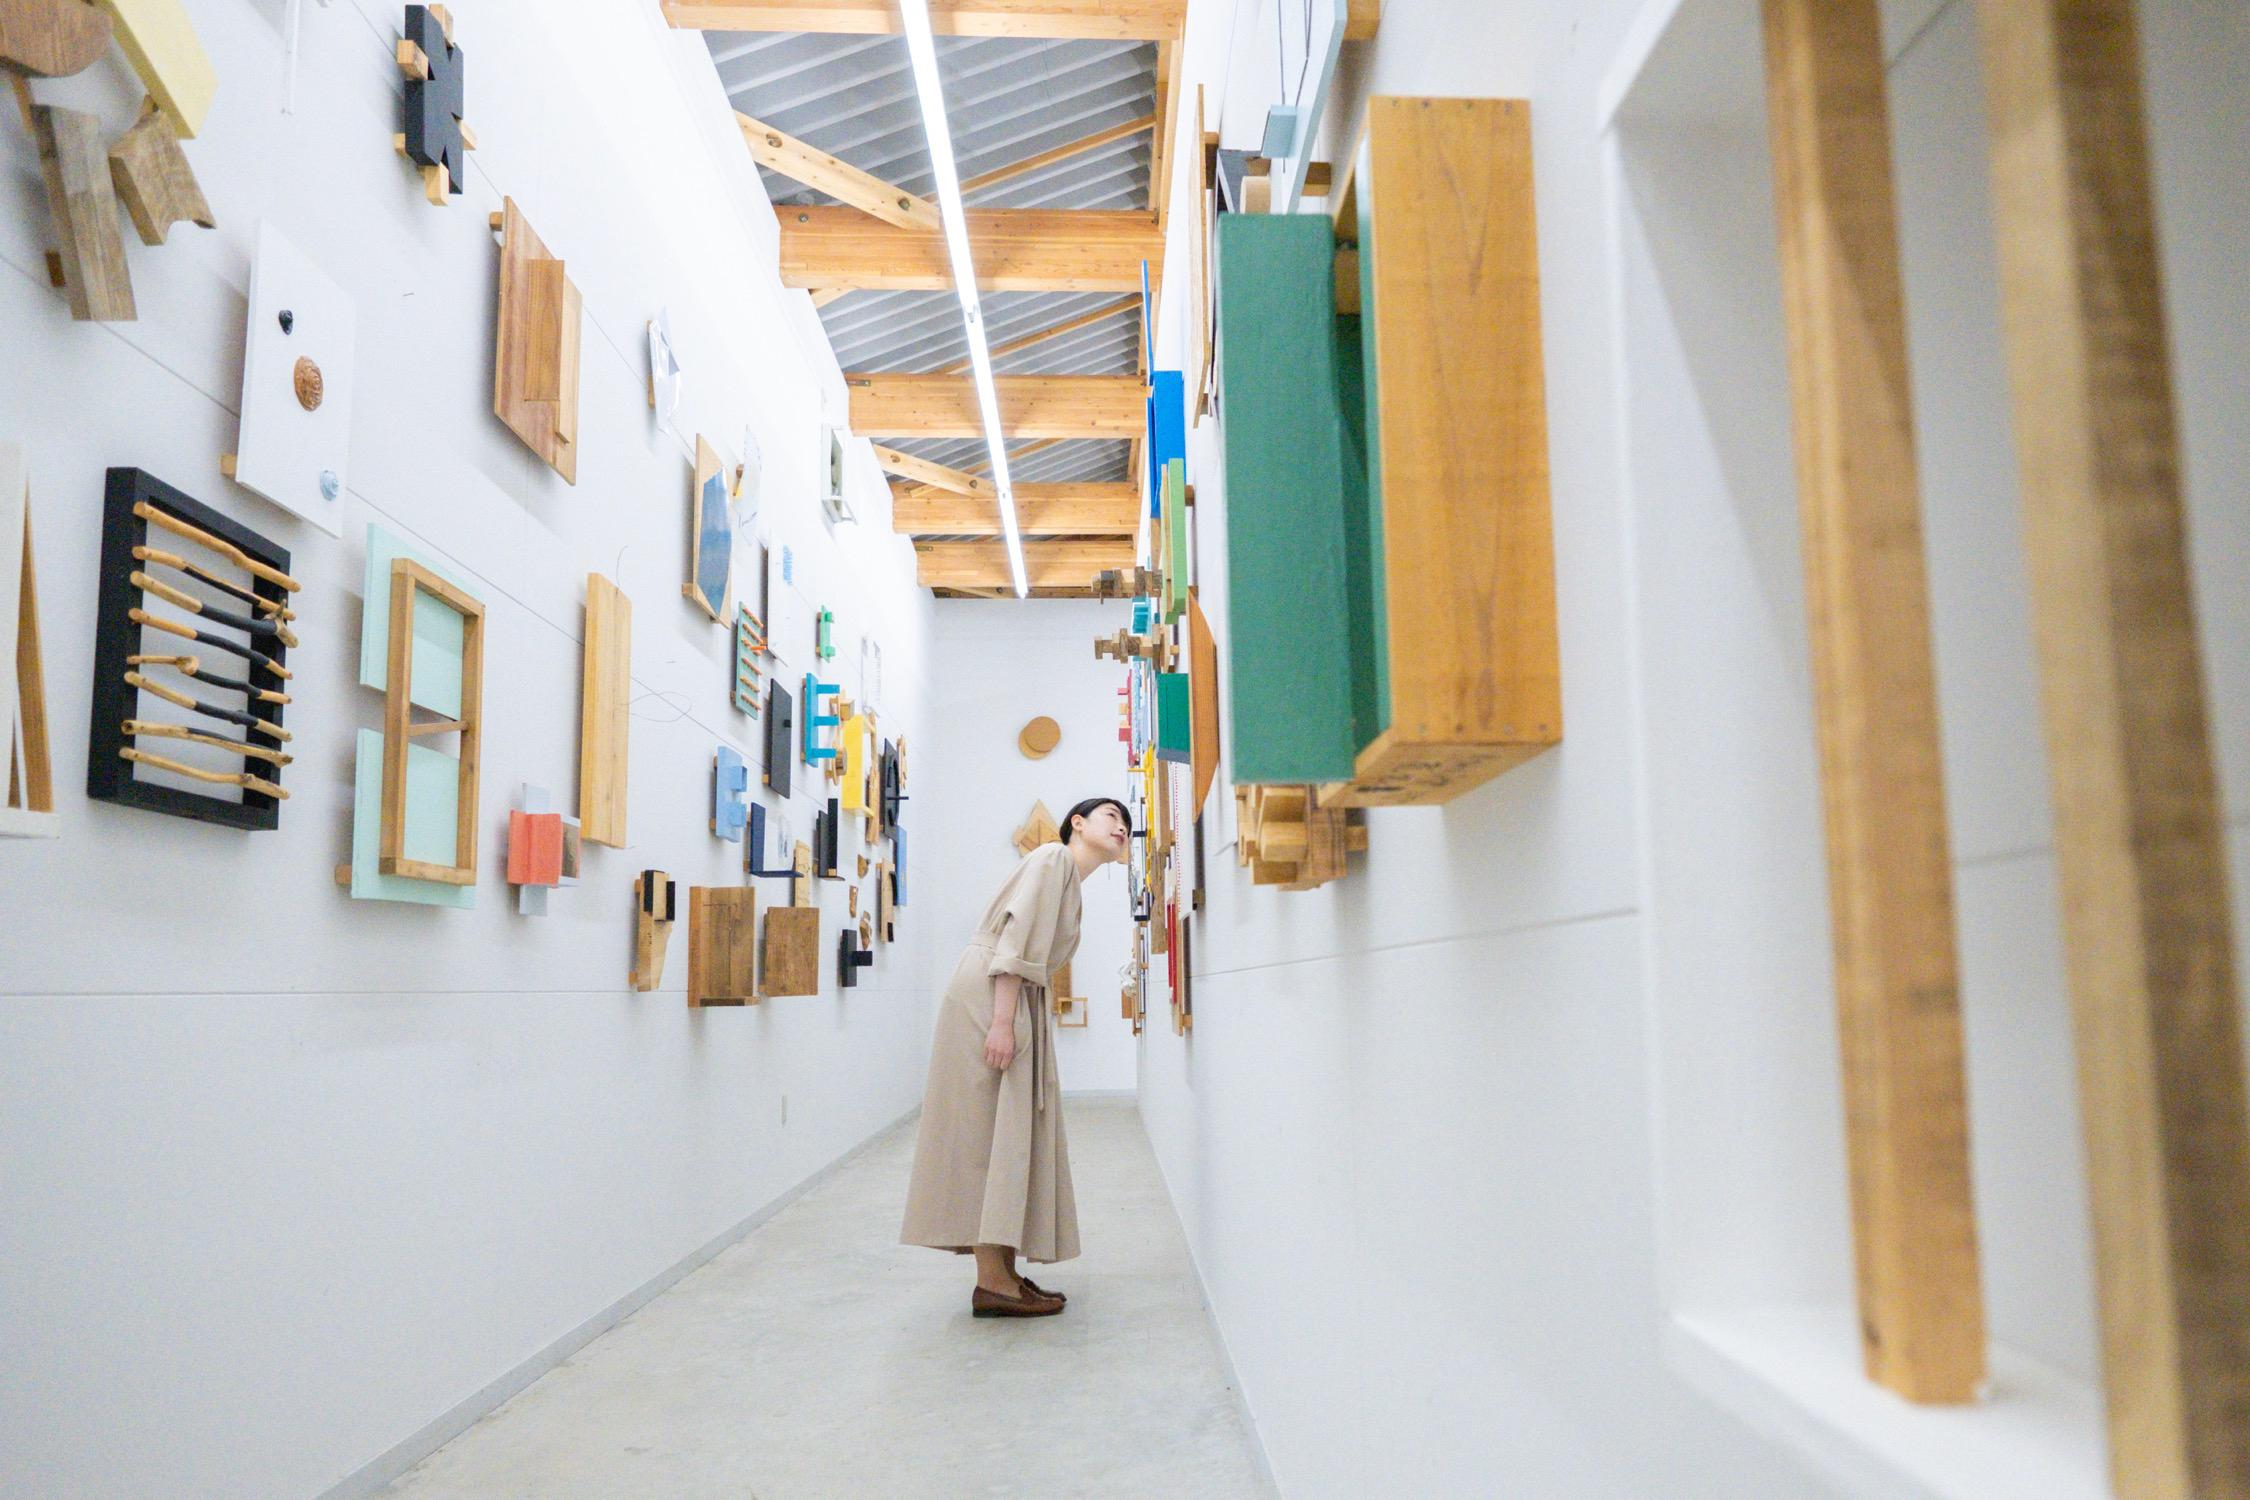 あえてひとりで泊まりたい名宿へ。栃木の温泉宿で現代アートに浸る